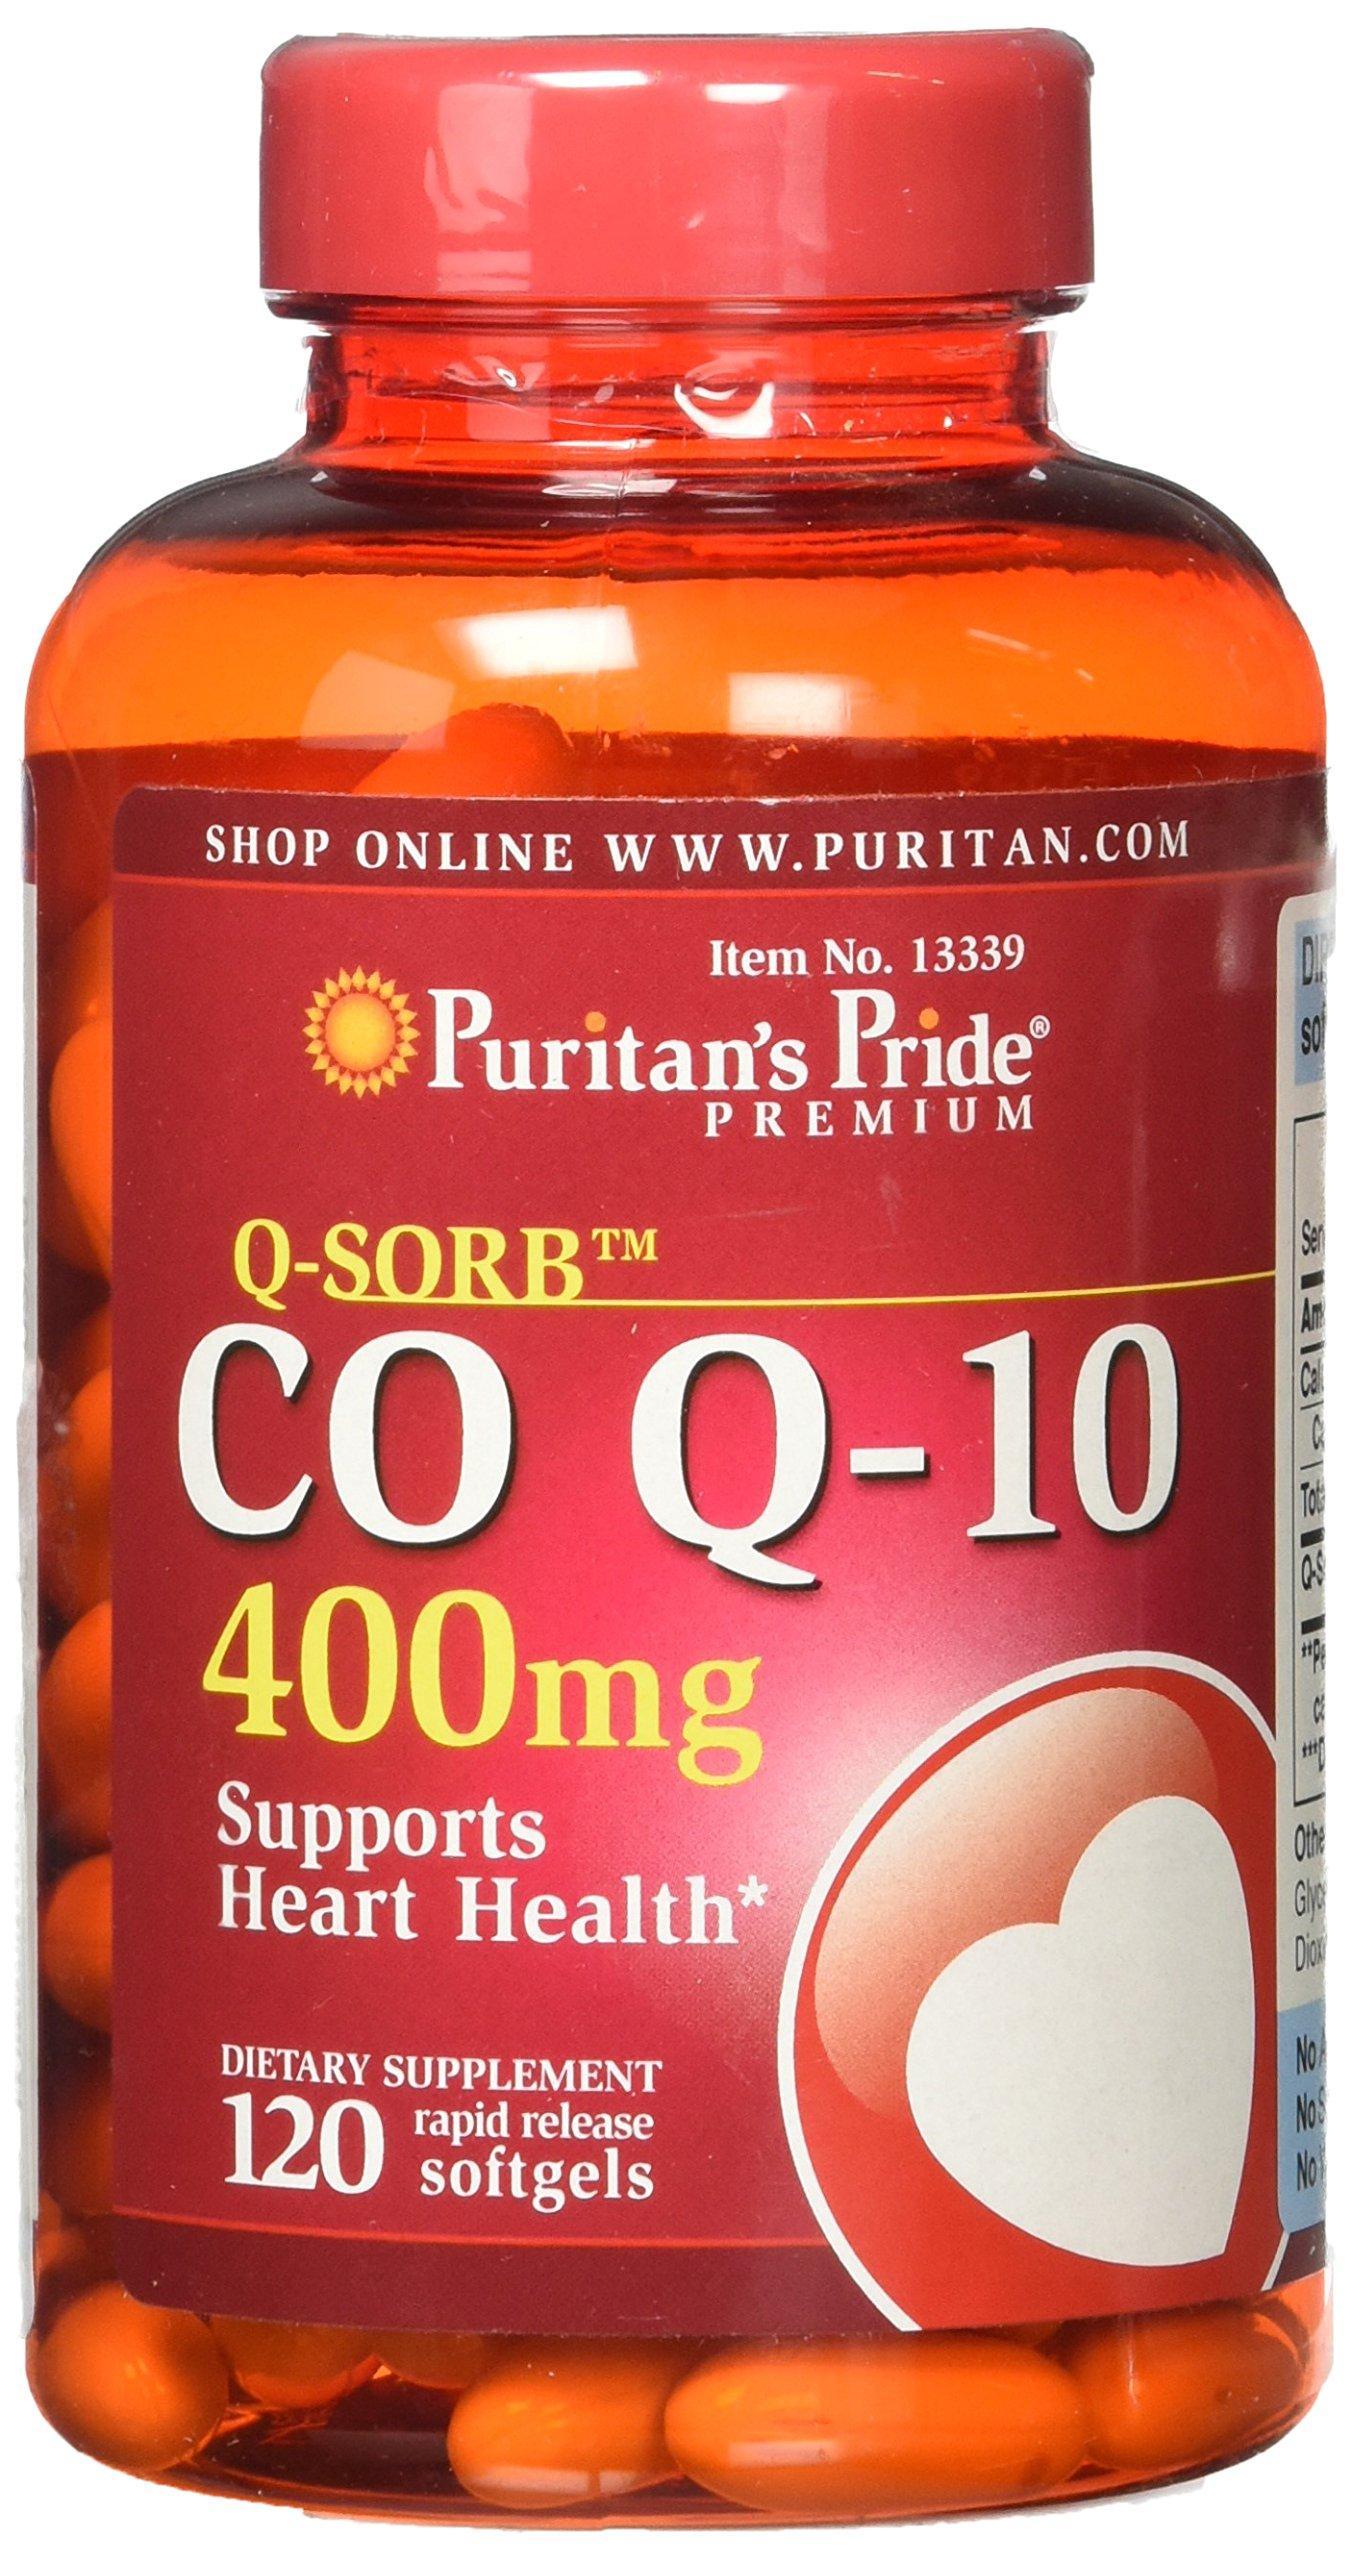 Puritans Pride Q-Sorb CoQ10, 400 Mg, 120 Count